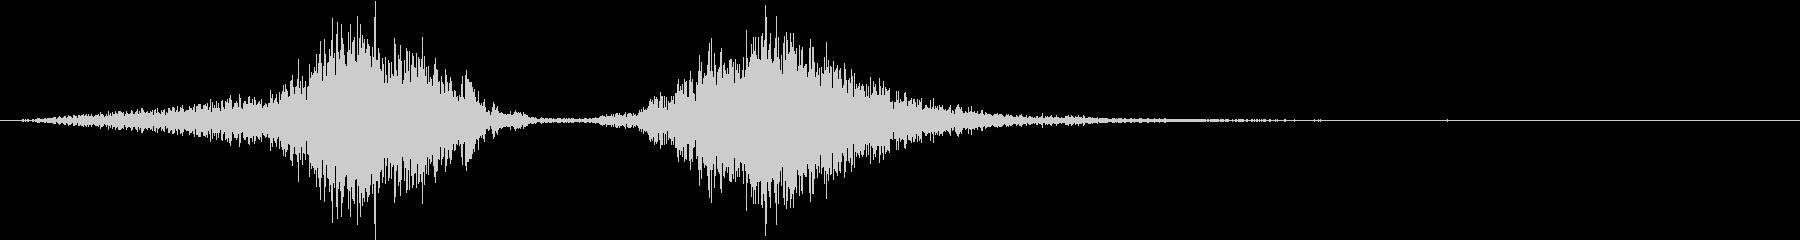 シューッという音EC07_90_3の未再生の波形